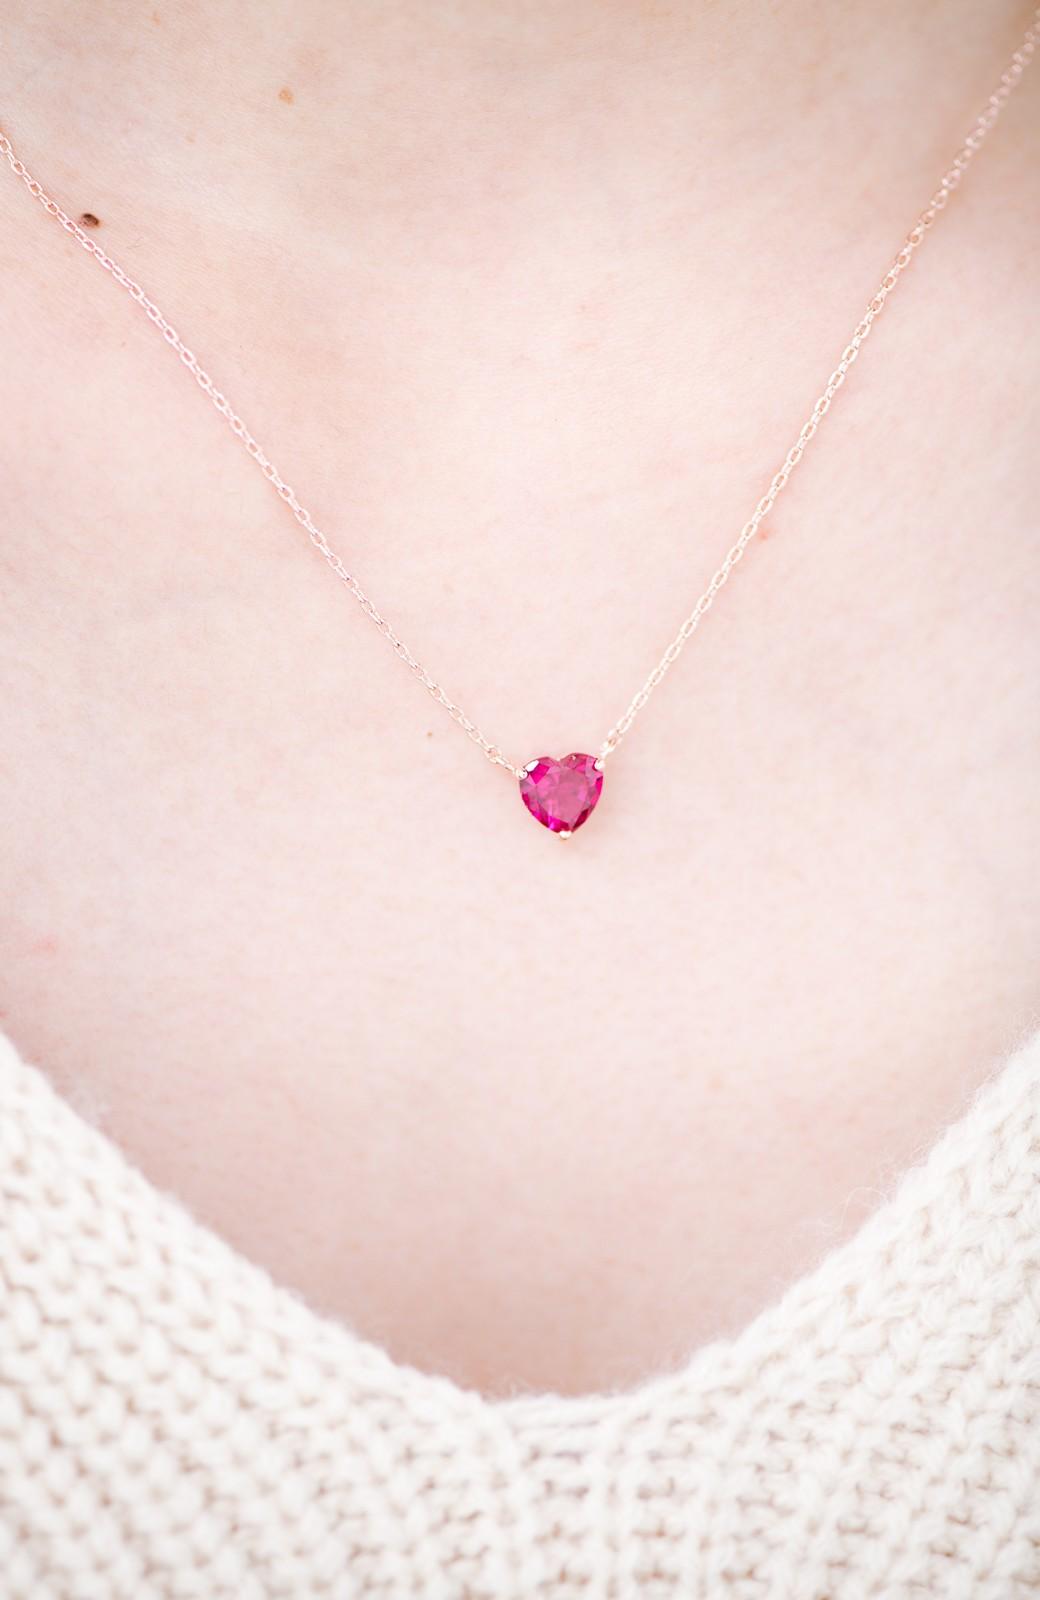 haco! いつでも乙女心と一緒ピンクハートのビジューピアス&ネックレスセット <ゴールド>の商品写真6